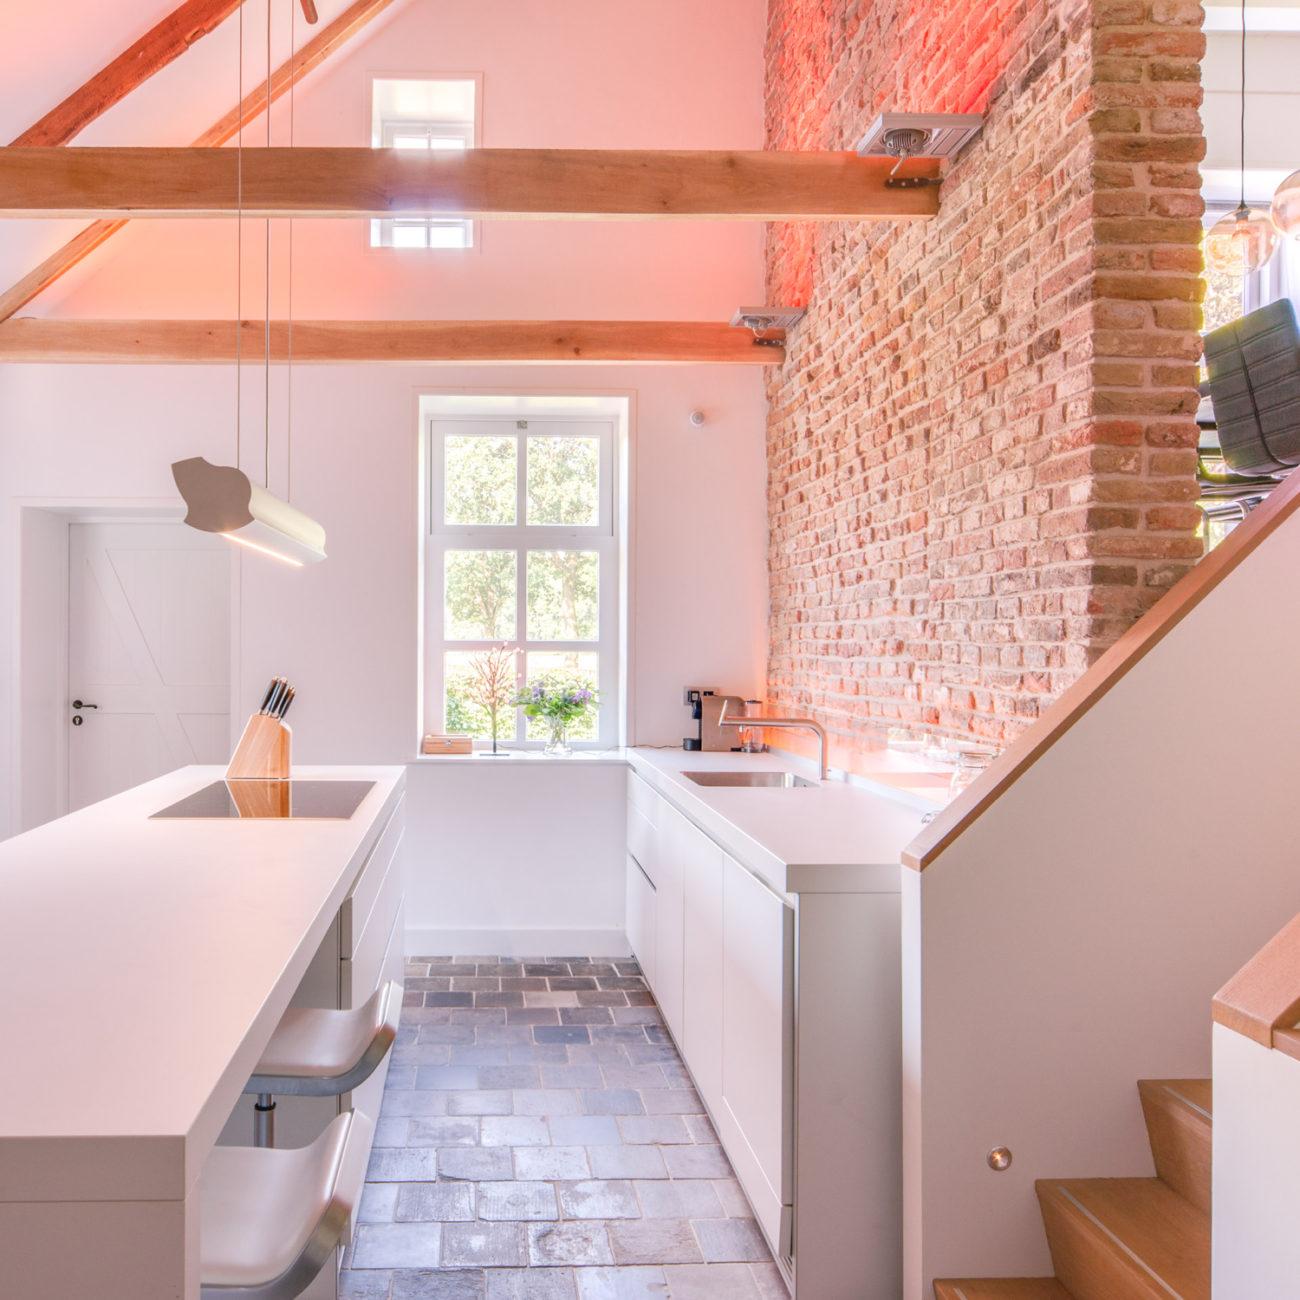 Strakke witte keuken met authentieke tegelvloer